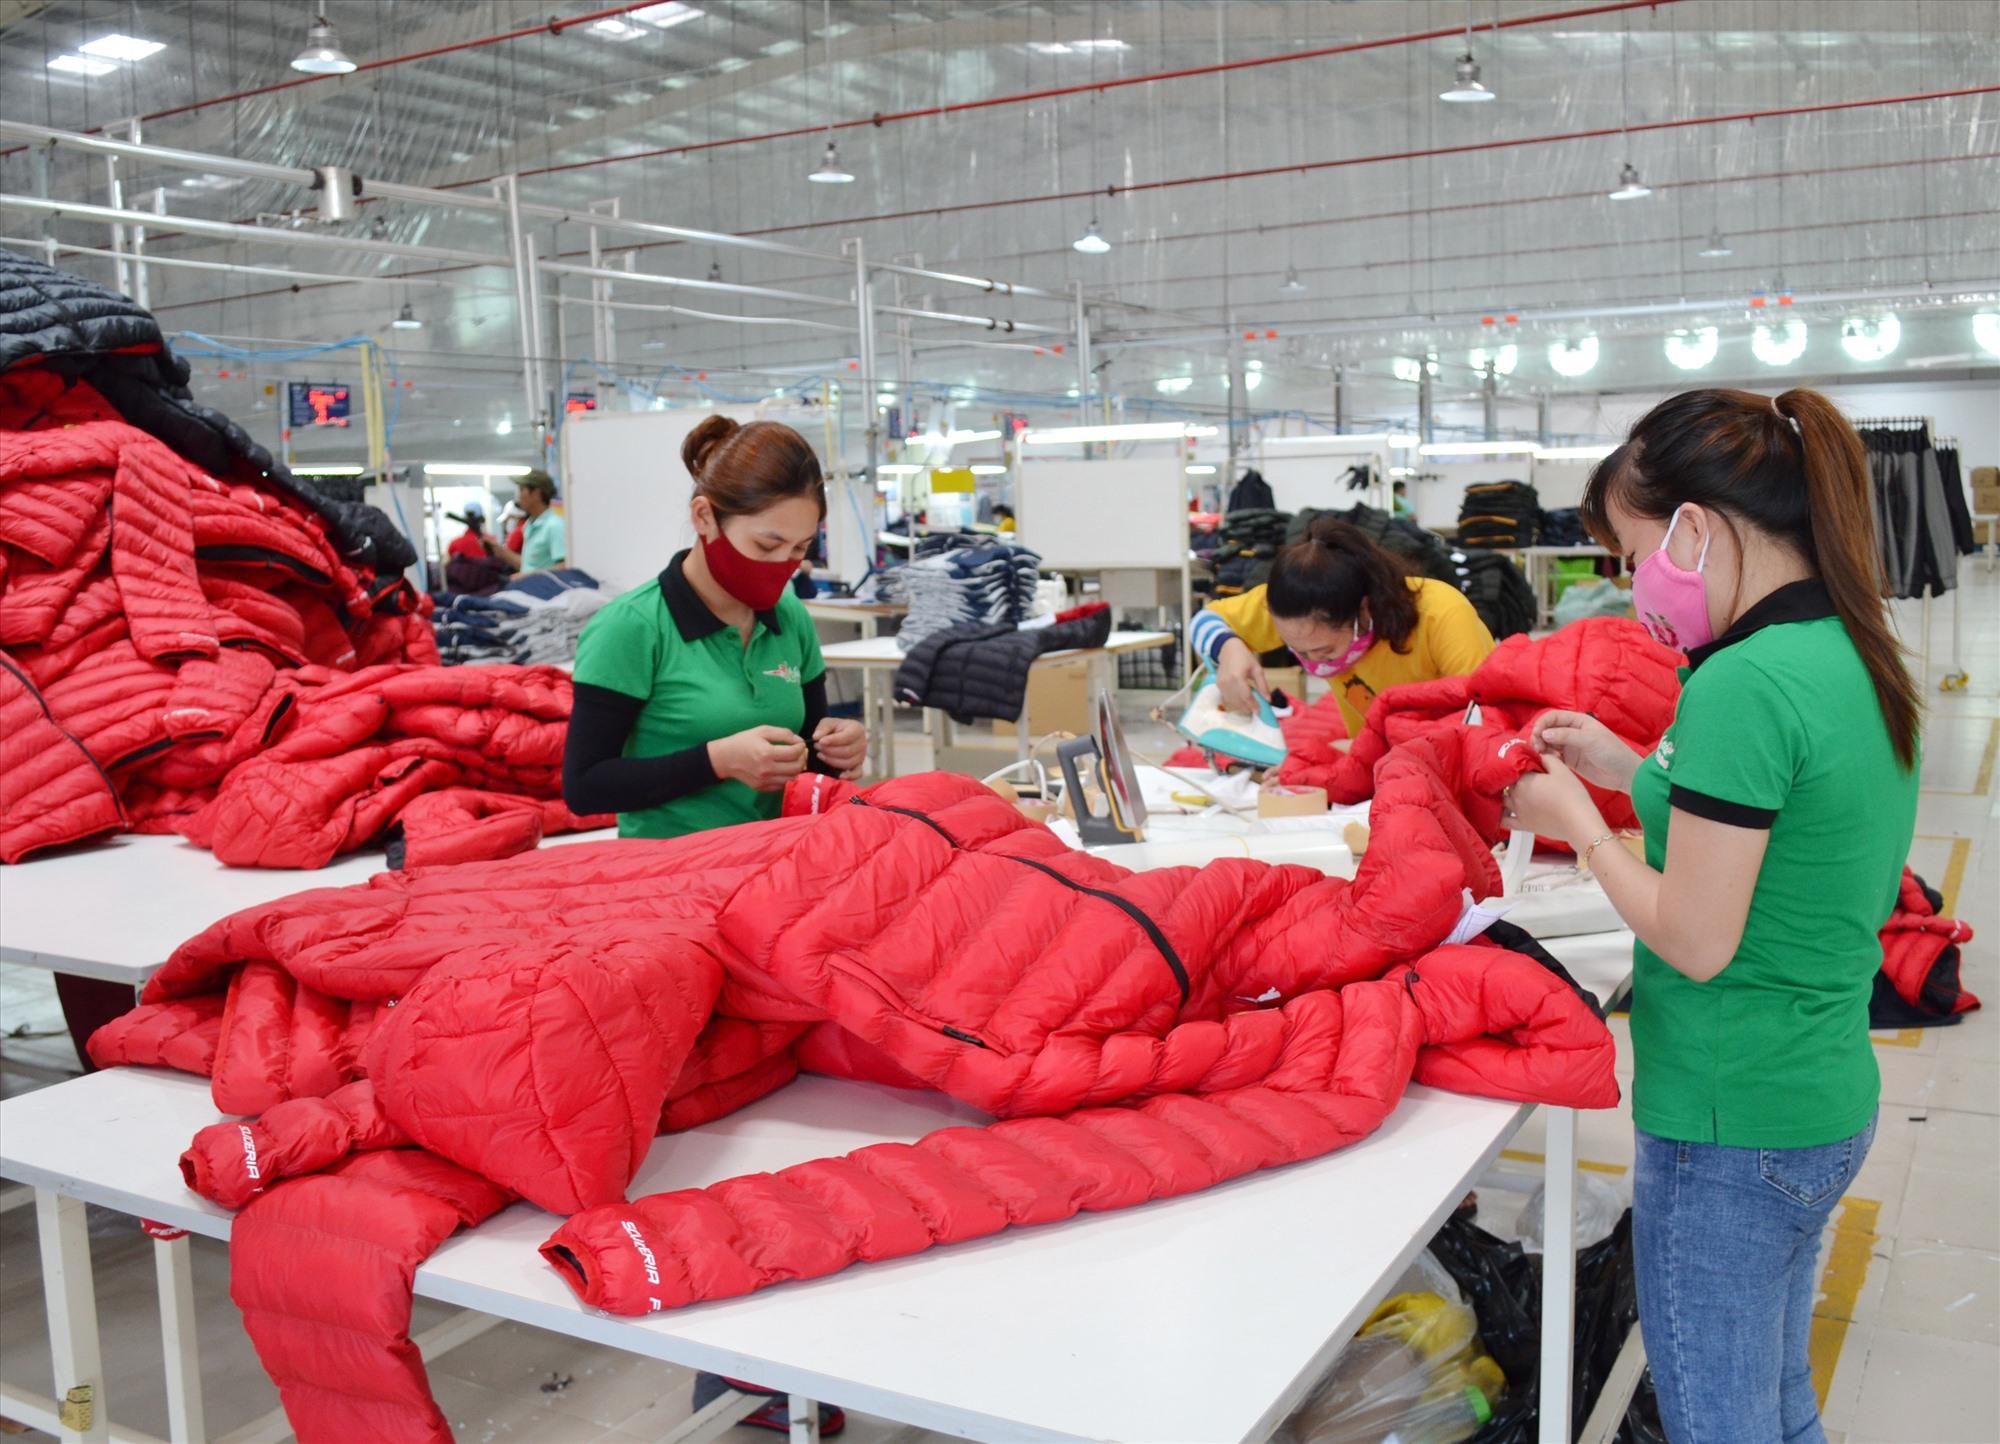 Một trong những thành quả lớn về CCHC của huyện Thăng Bình là tạo thuận lợi cho hoạt động của doanh nghiệp trên địa bàn. Ảnh: VIỆT NGUYỄN